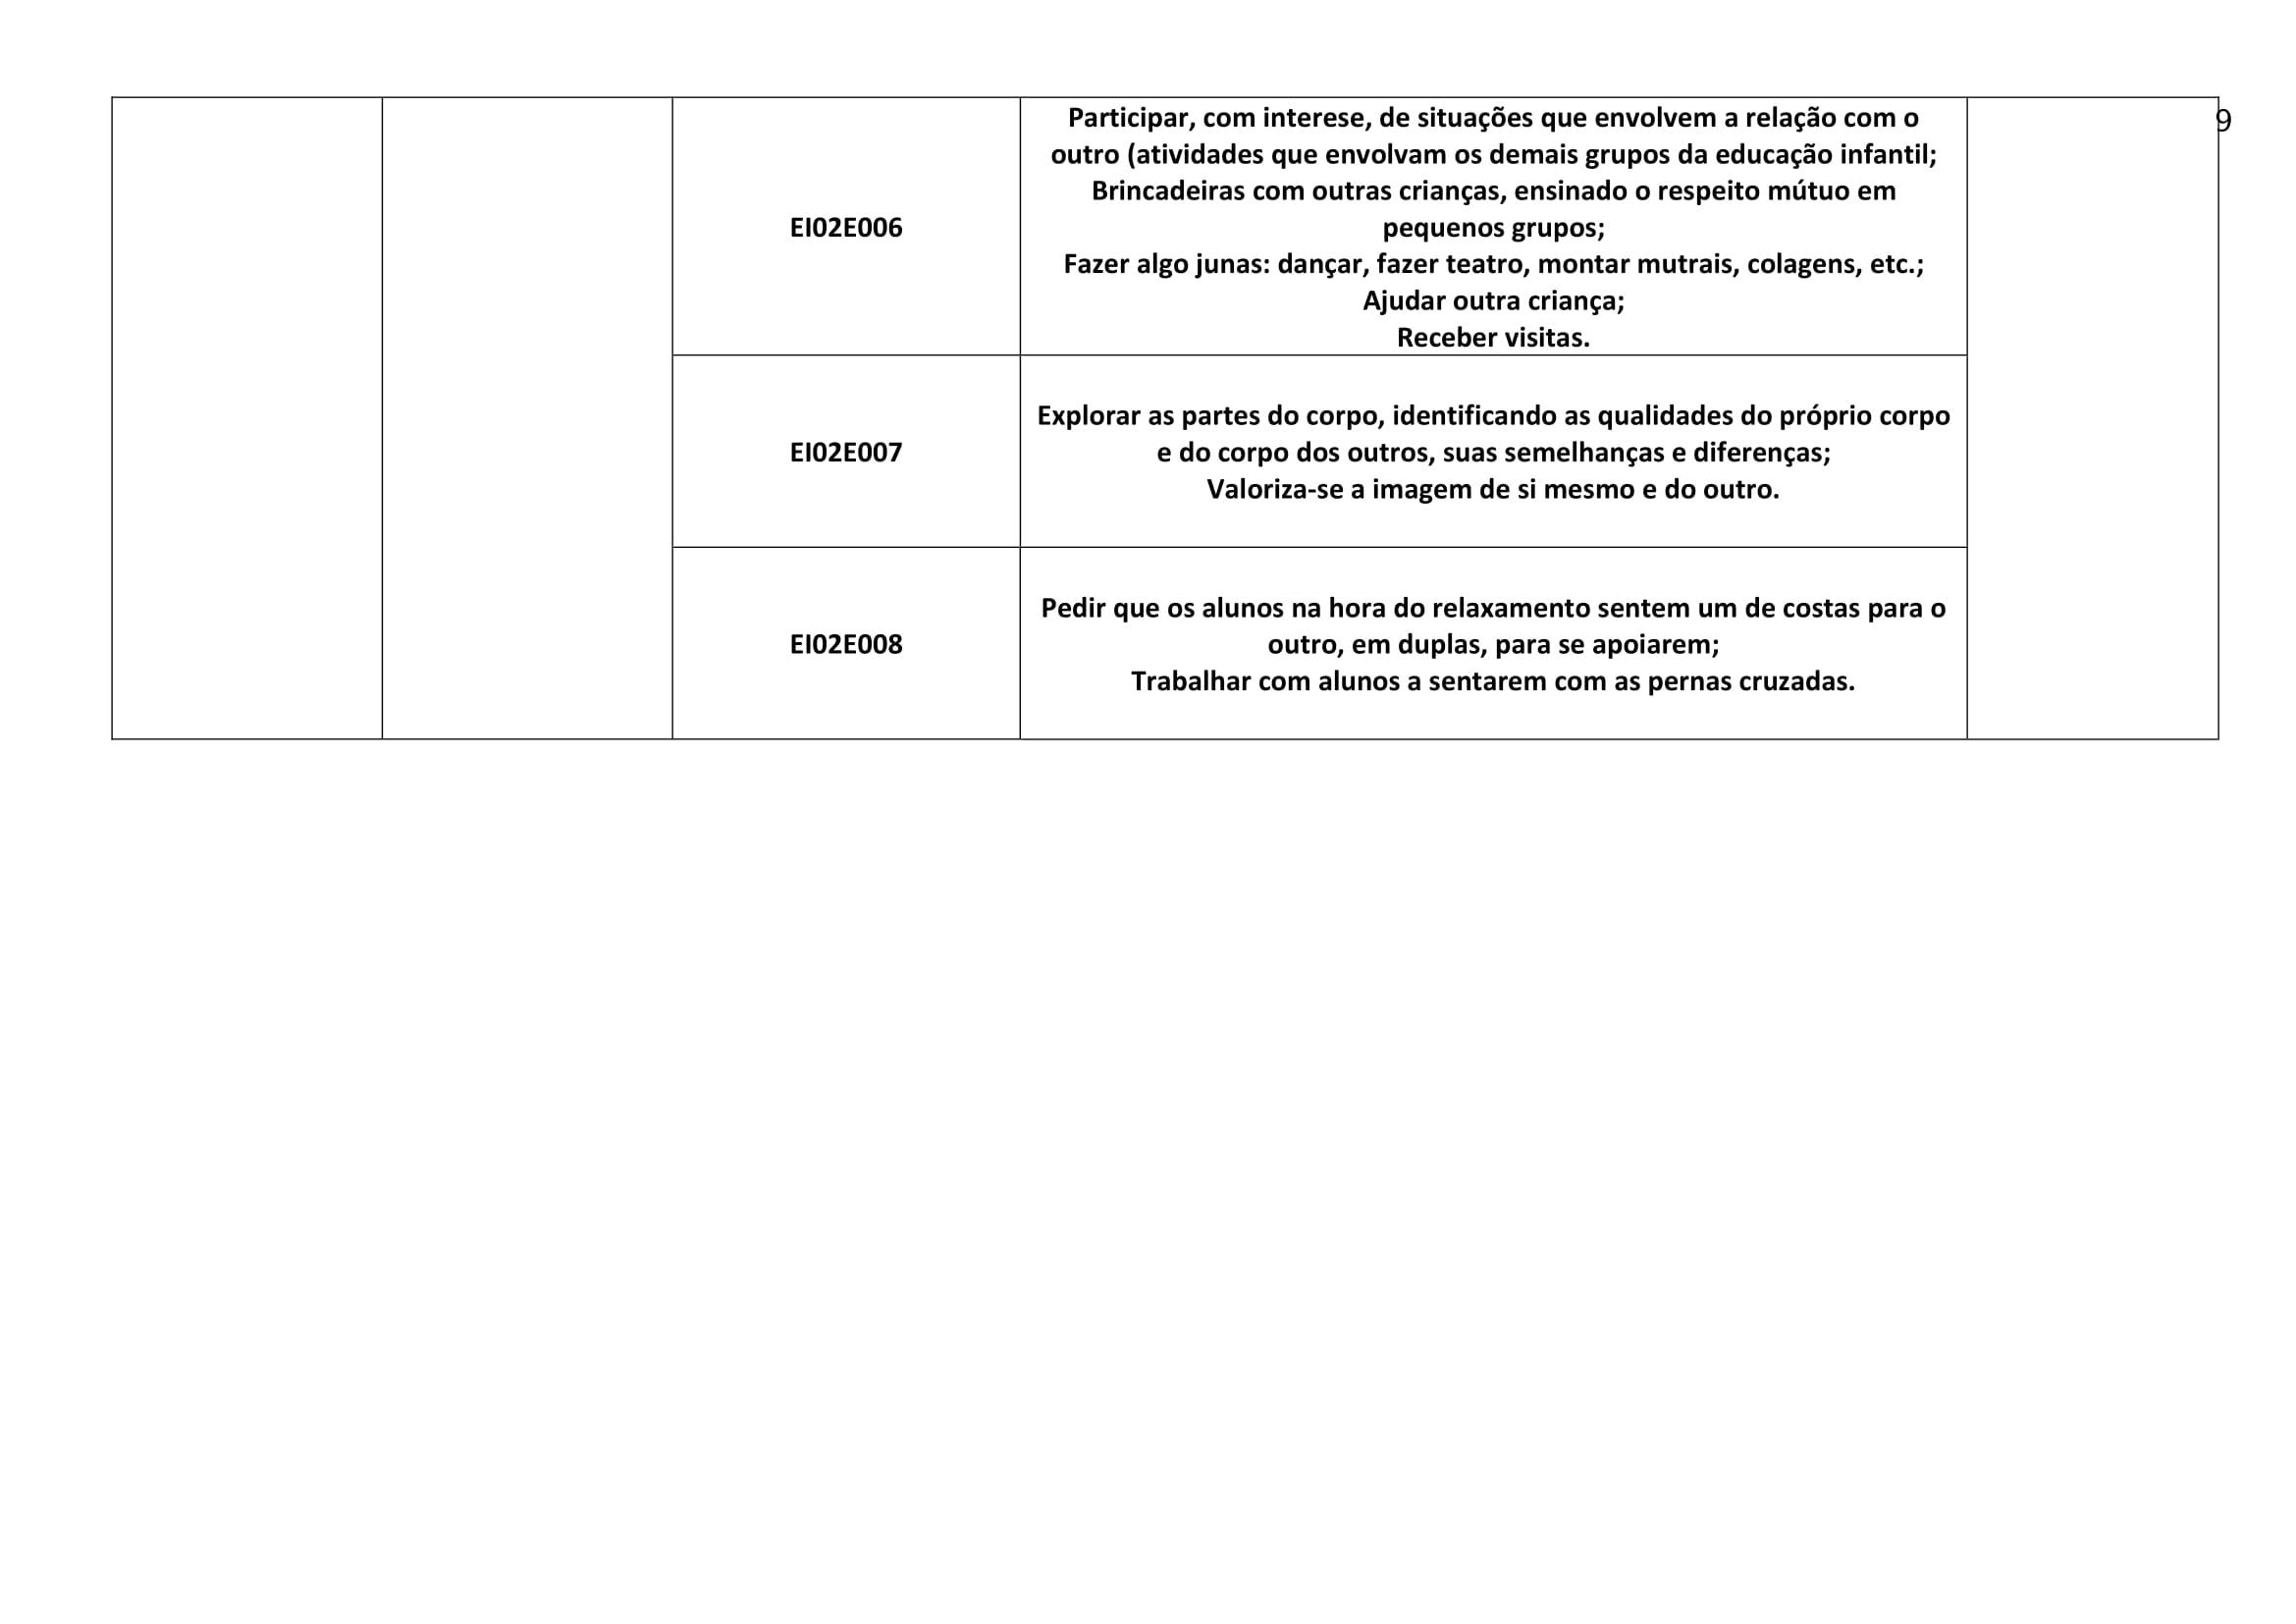 planejamento-educação-infantil-bncc-geral-39